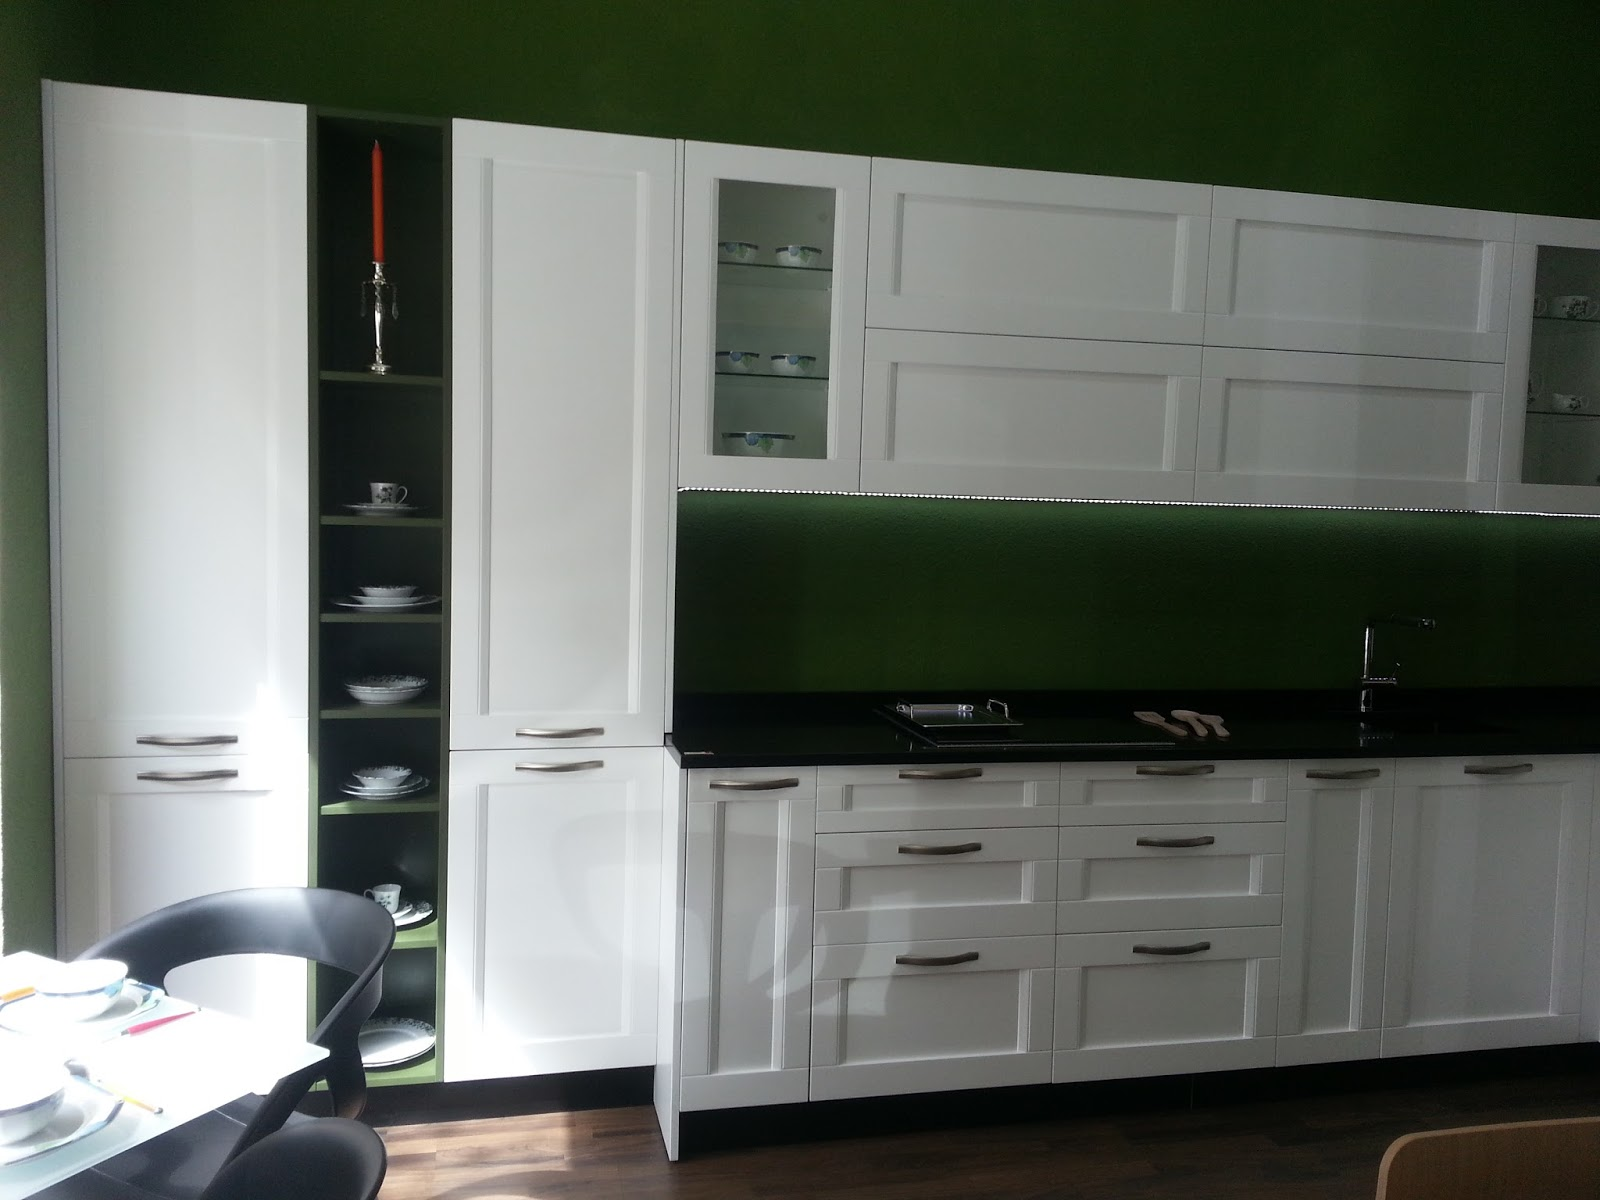 Bonito cocina blanca y verde fotos cocinas ikea 2016 las for Ikea diseno cocinas 3d